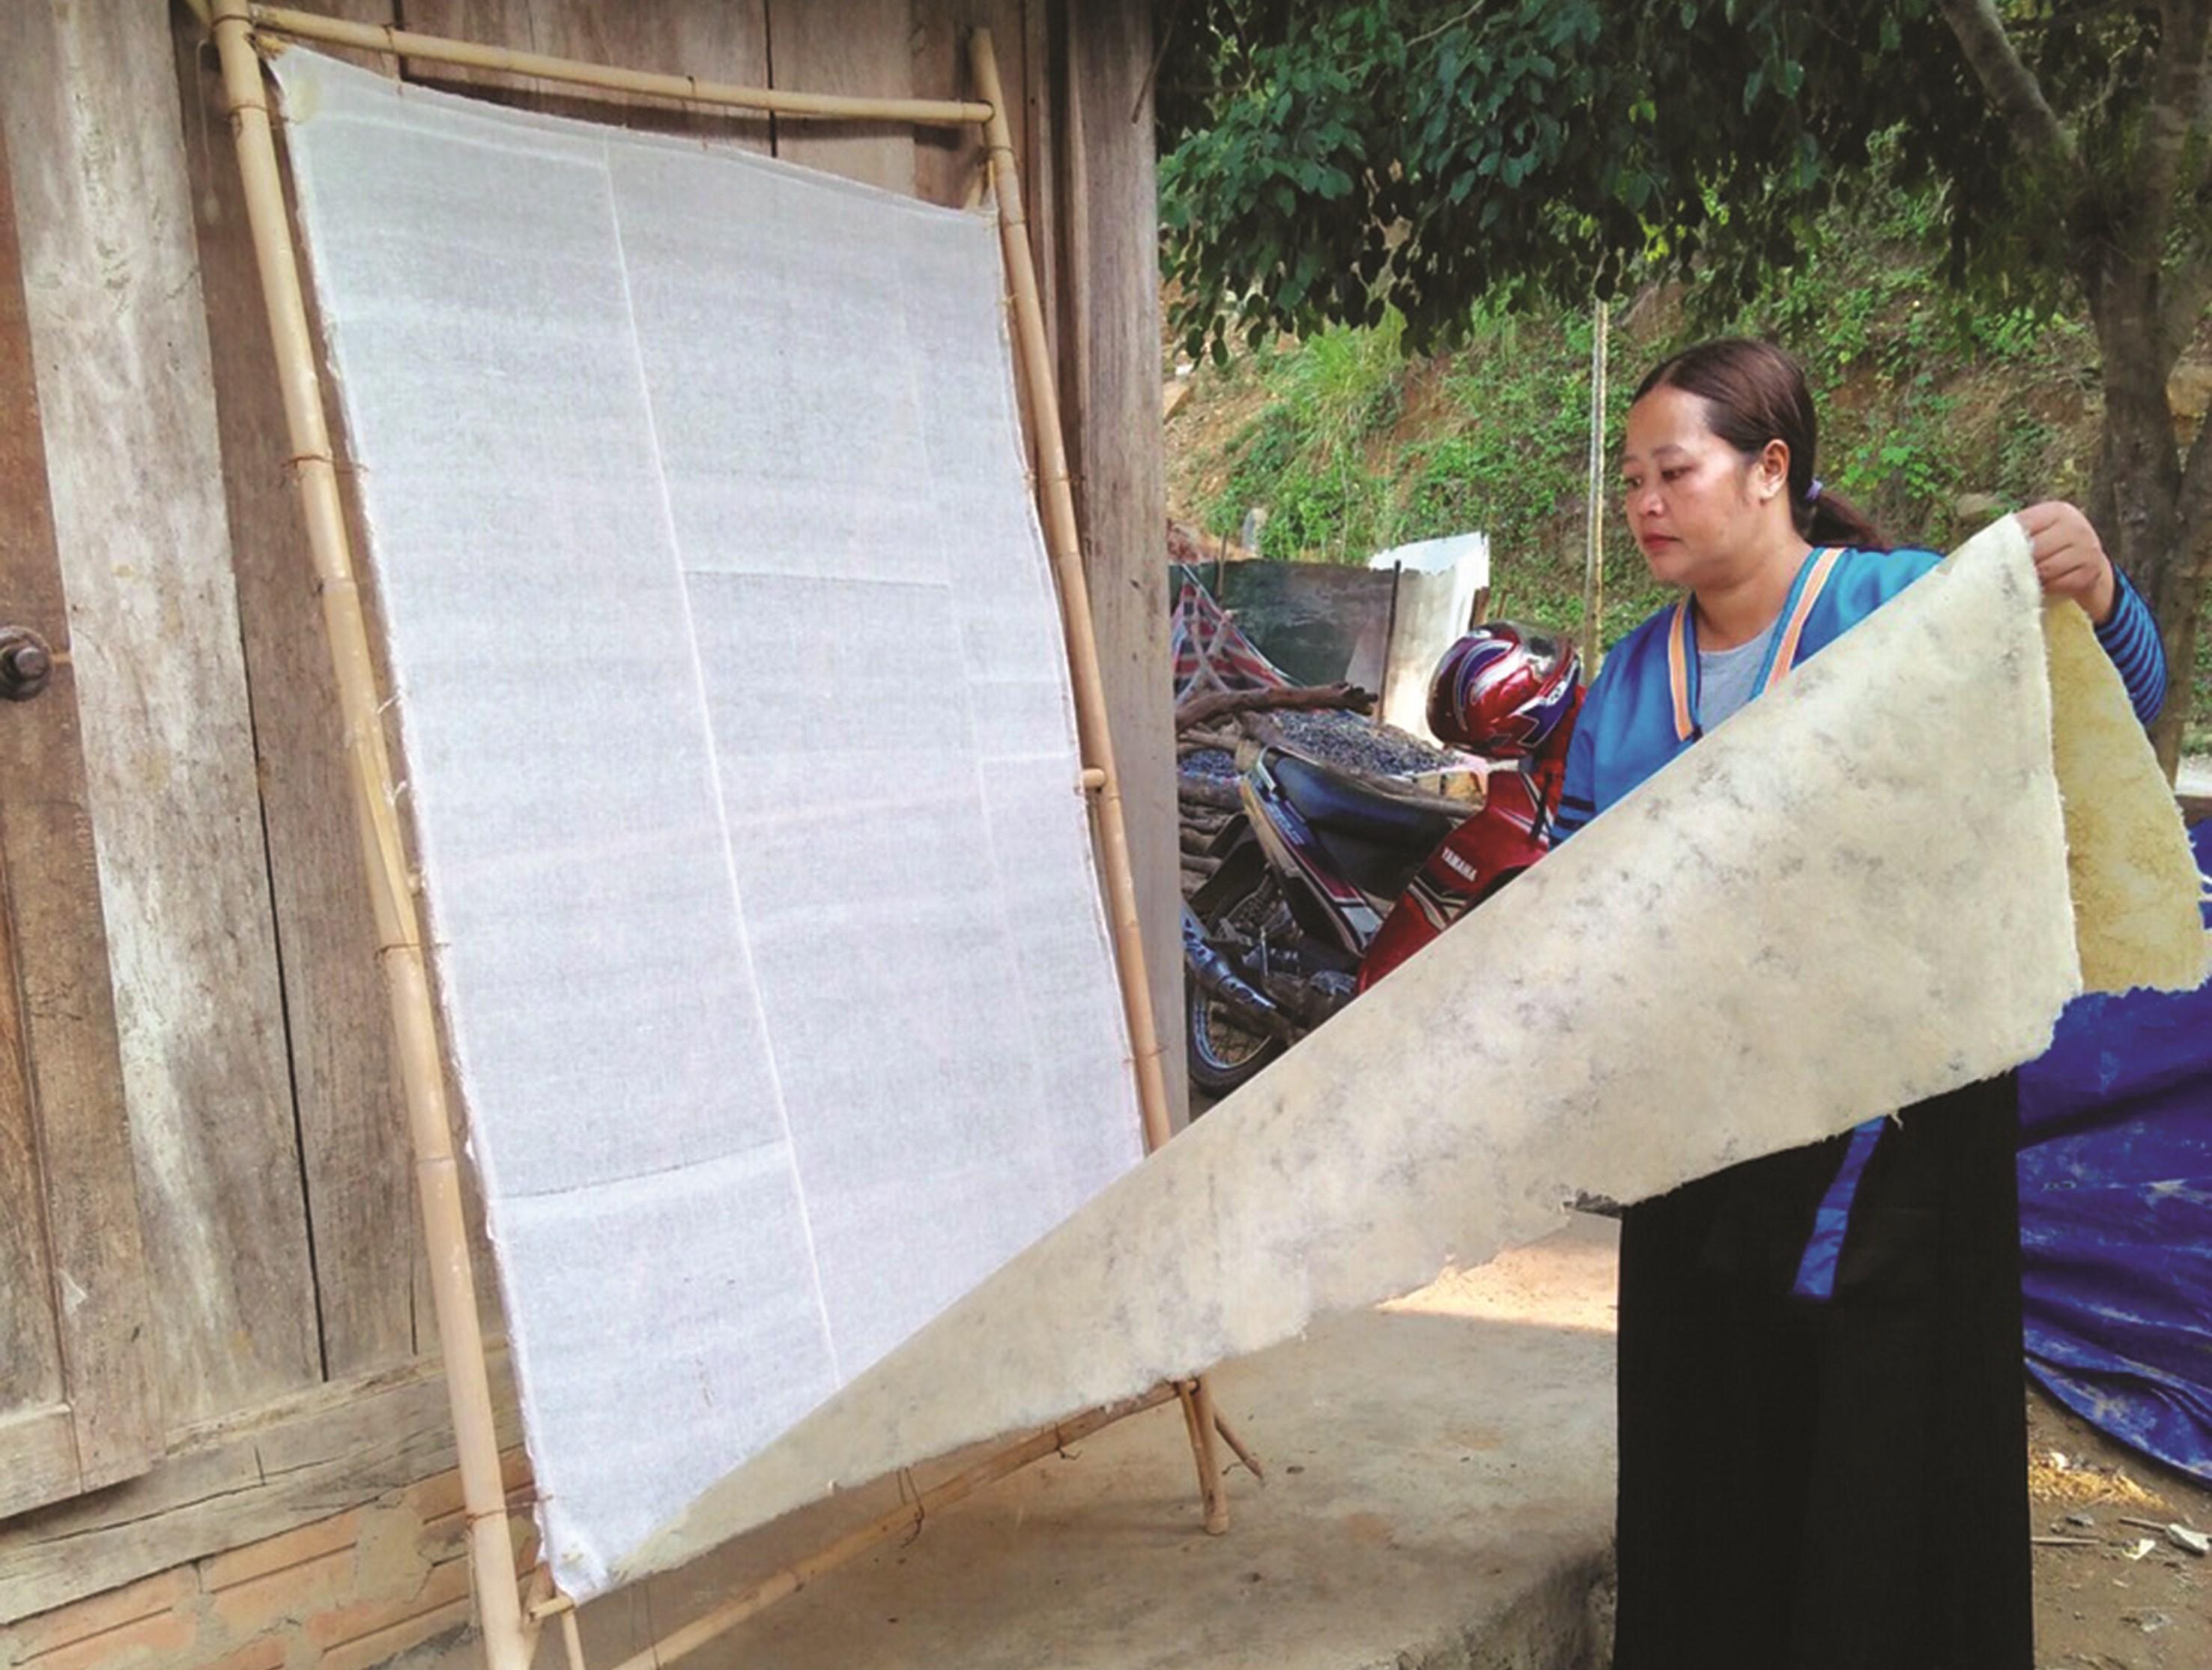 Sau khi phơi khô, giấy bản được cất giữ cẩn thận dùng thay bàn thờ để đón năm mới.